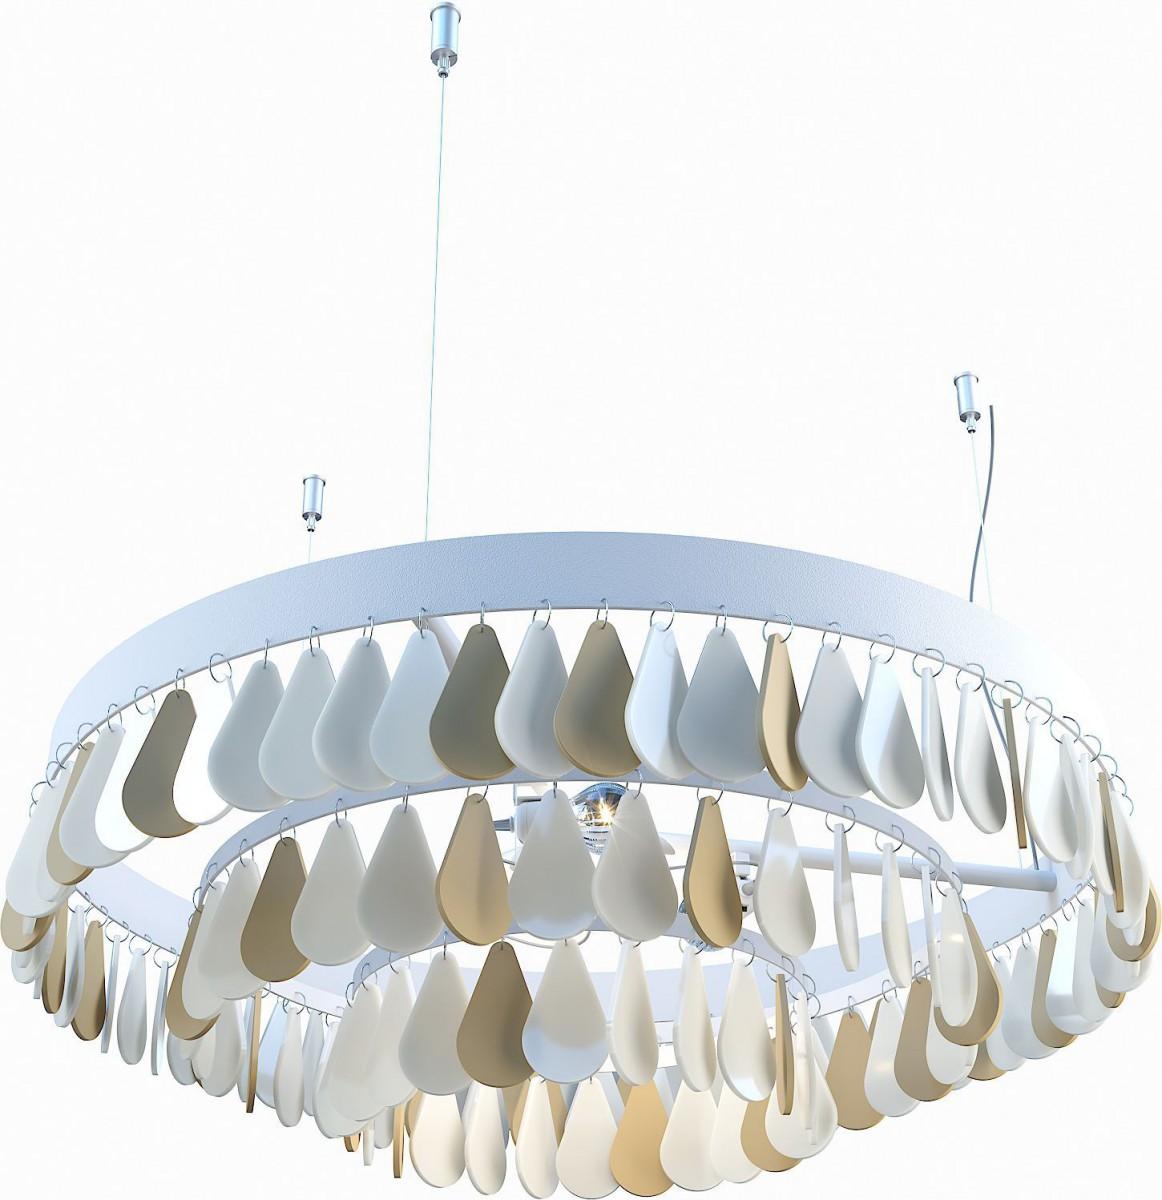 Глория D800 Лампы: 5 х Е27